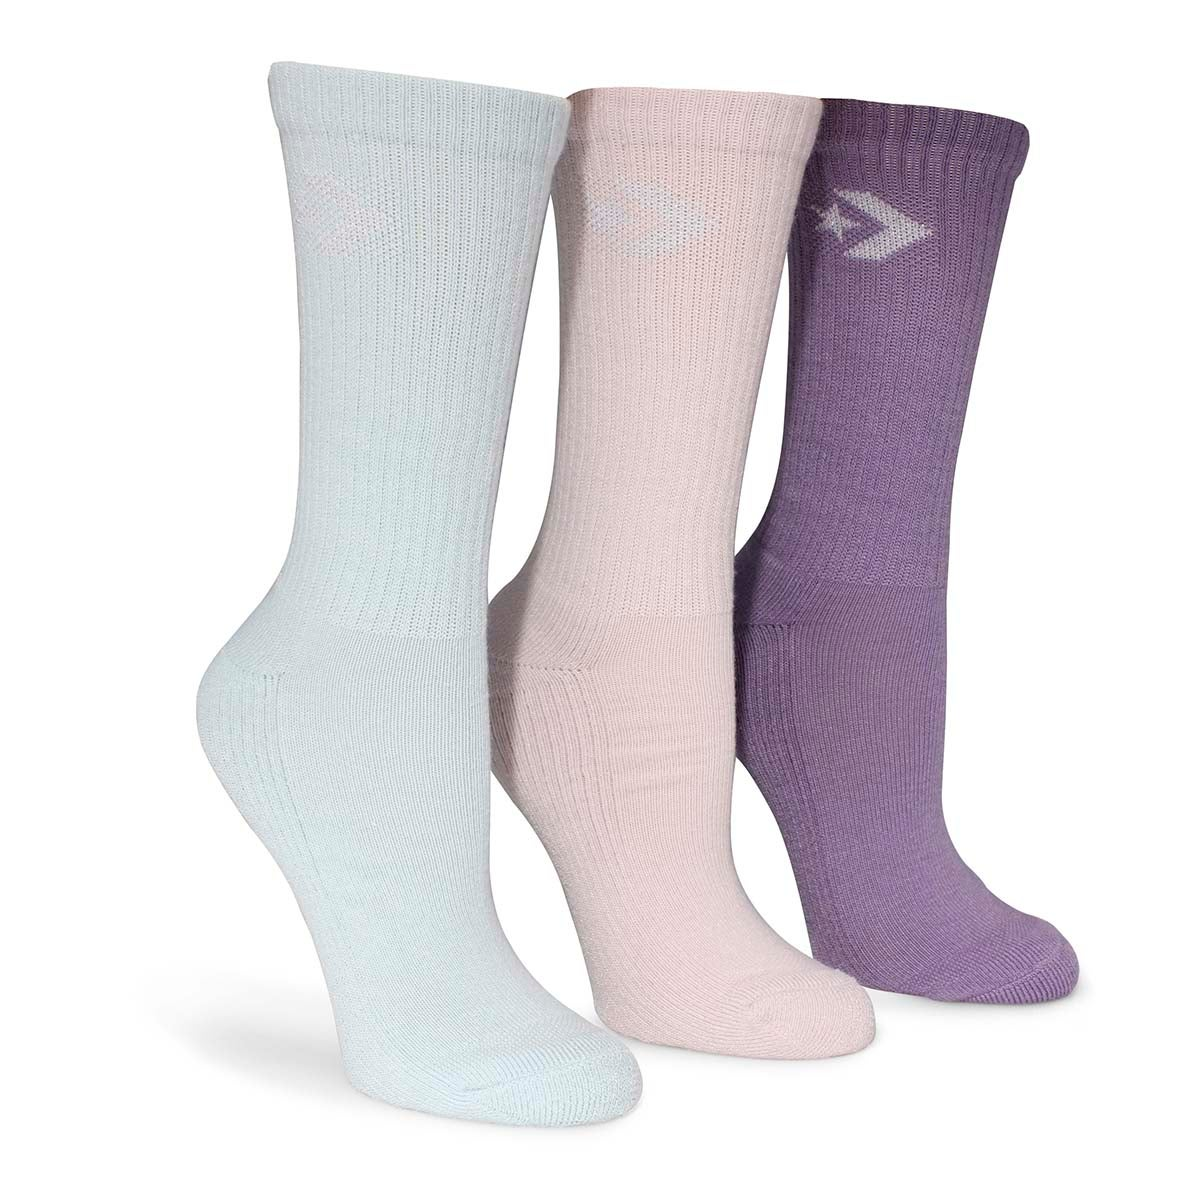 Socquettes CREW LUREX, multi, femmes - 3 paires